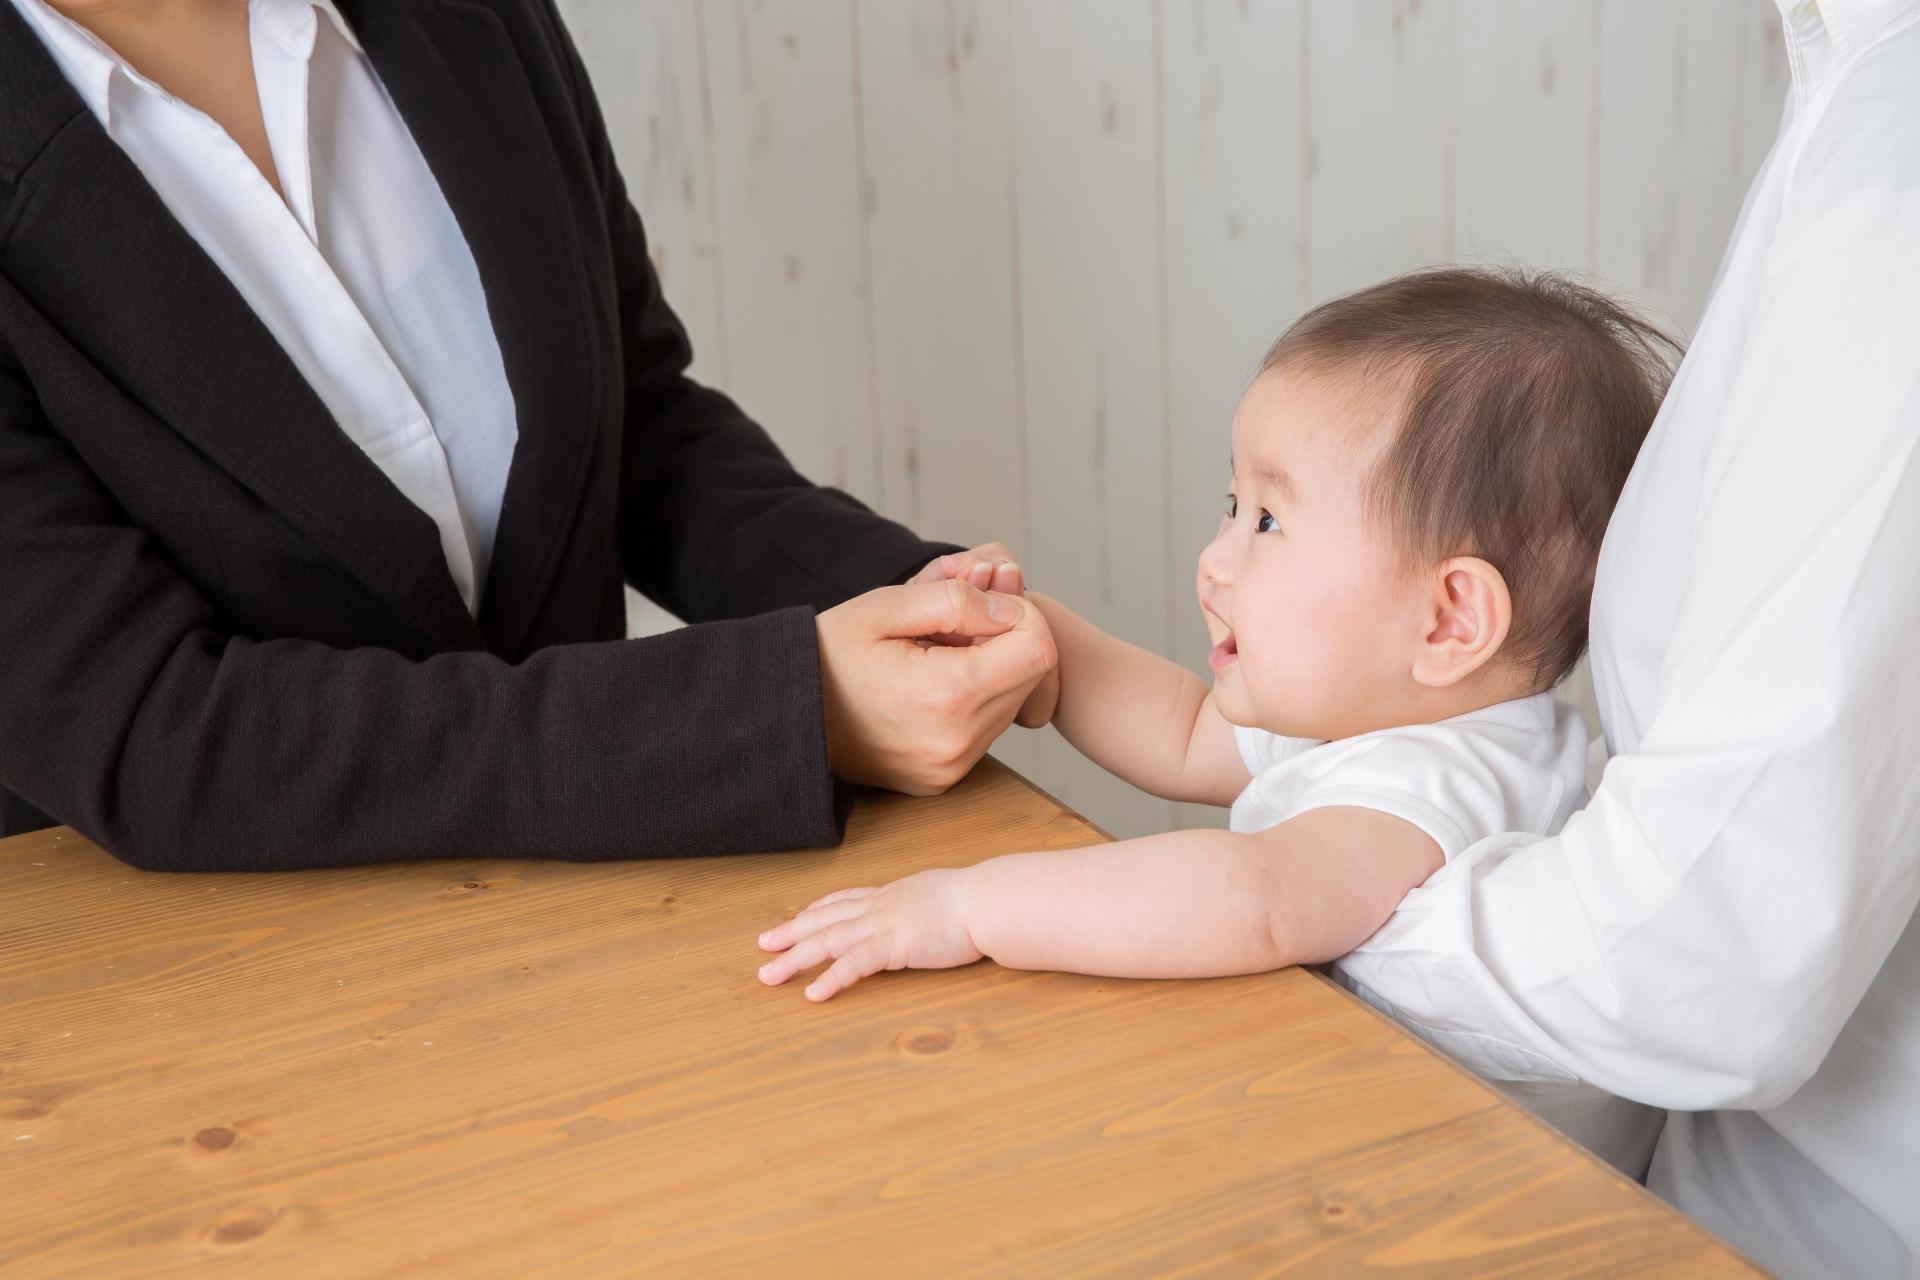 社員全員で子守する、職場を託児所化したピアズの働き方改革